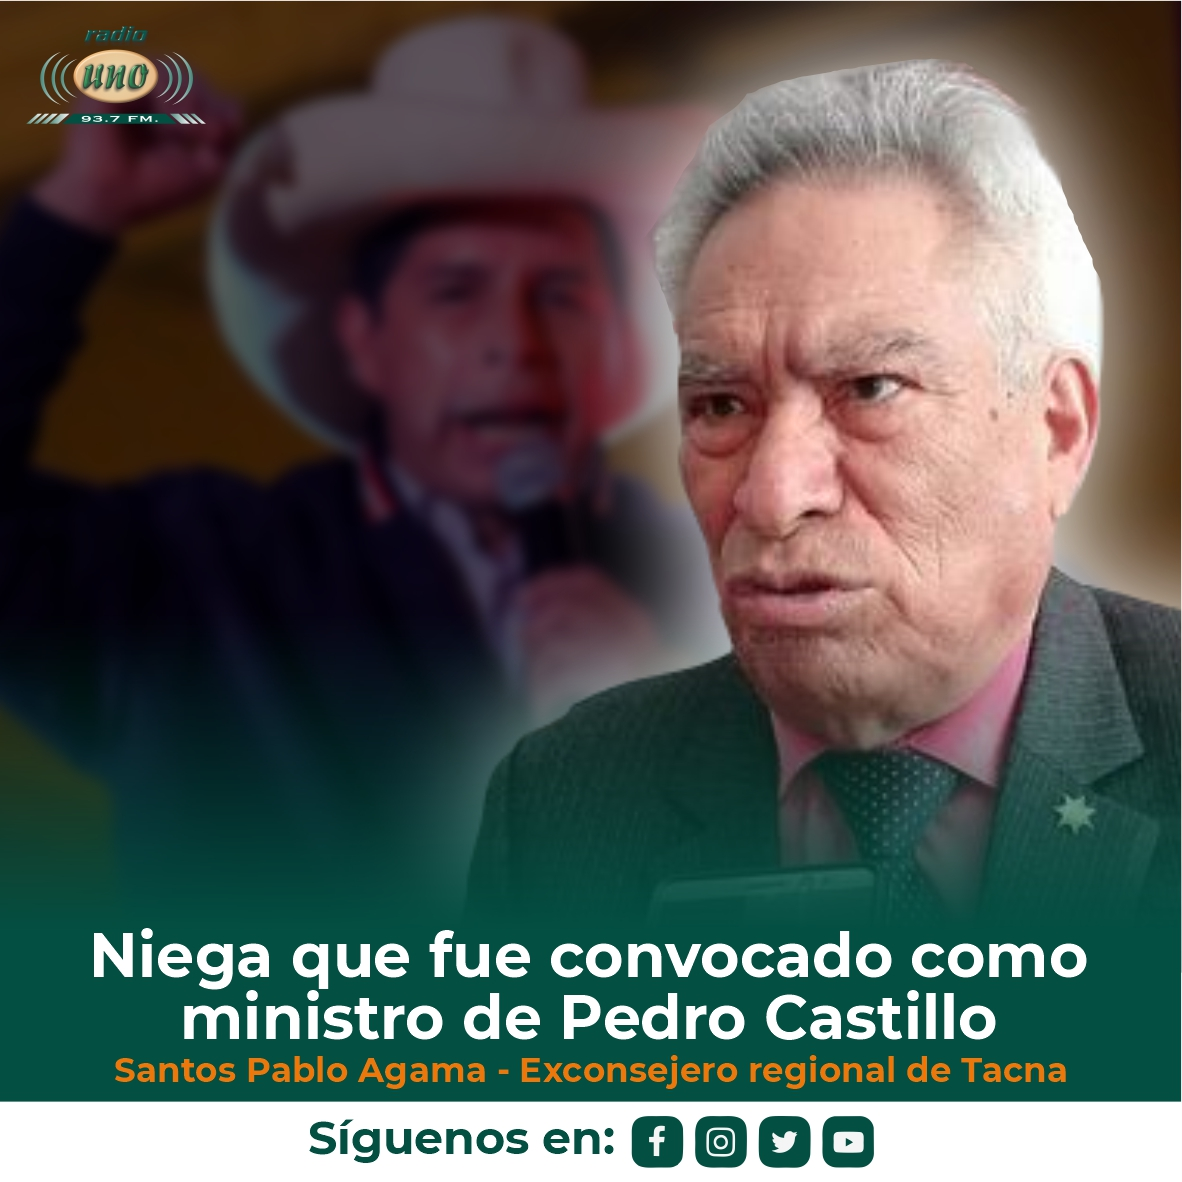 Santos Pablo Agama niega que fue convocado como ministro de Pedro Castillo